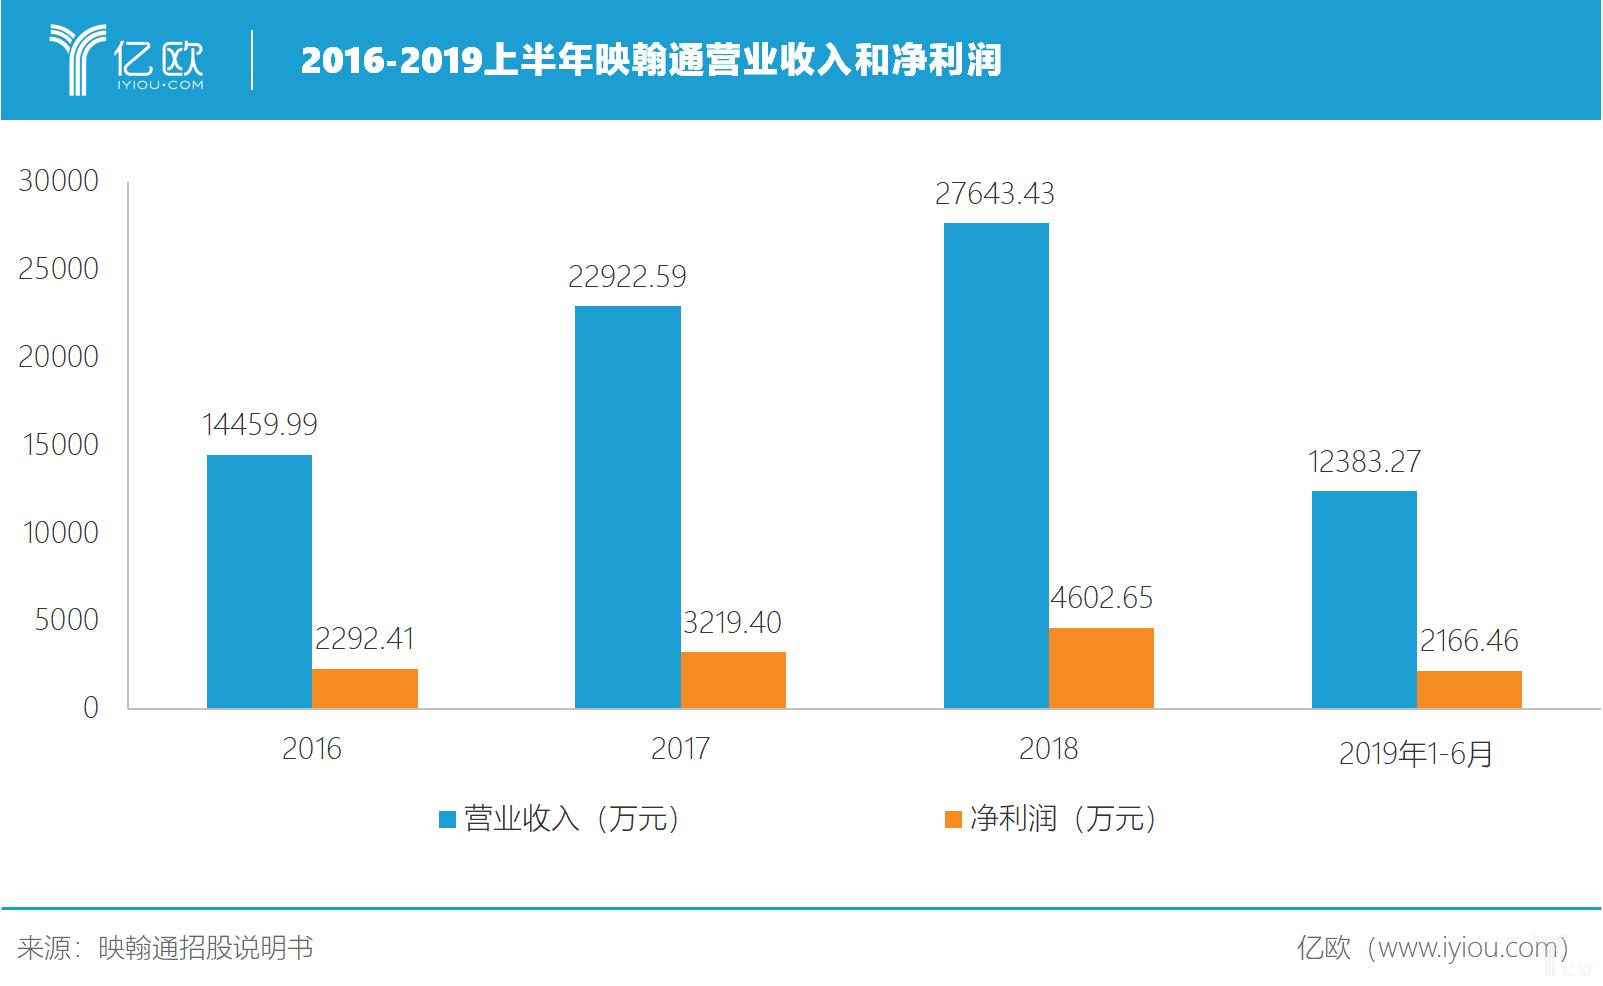 2016-2019上半年映翰通营业收入和净利润